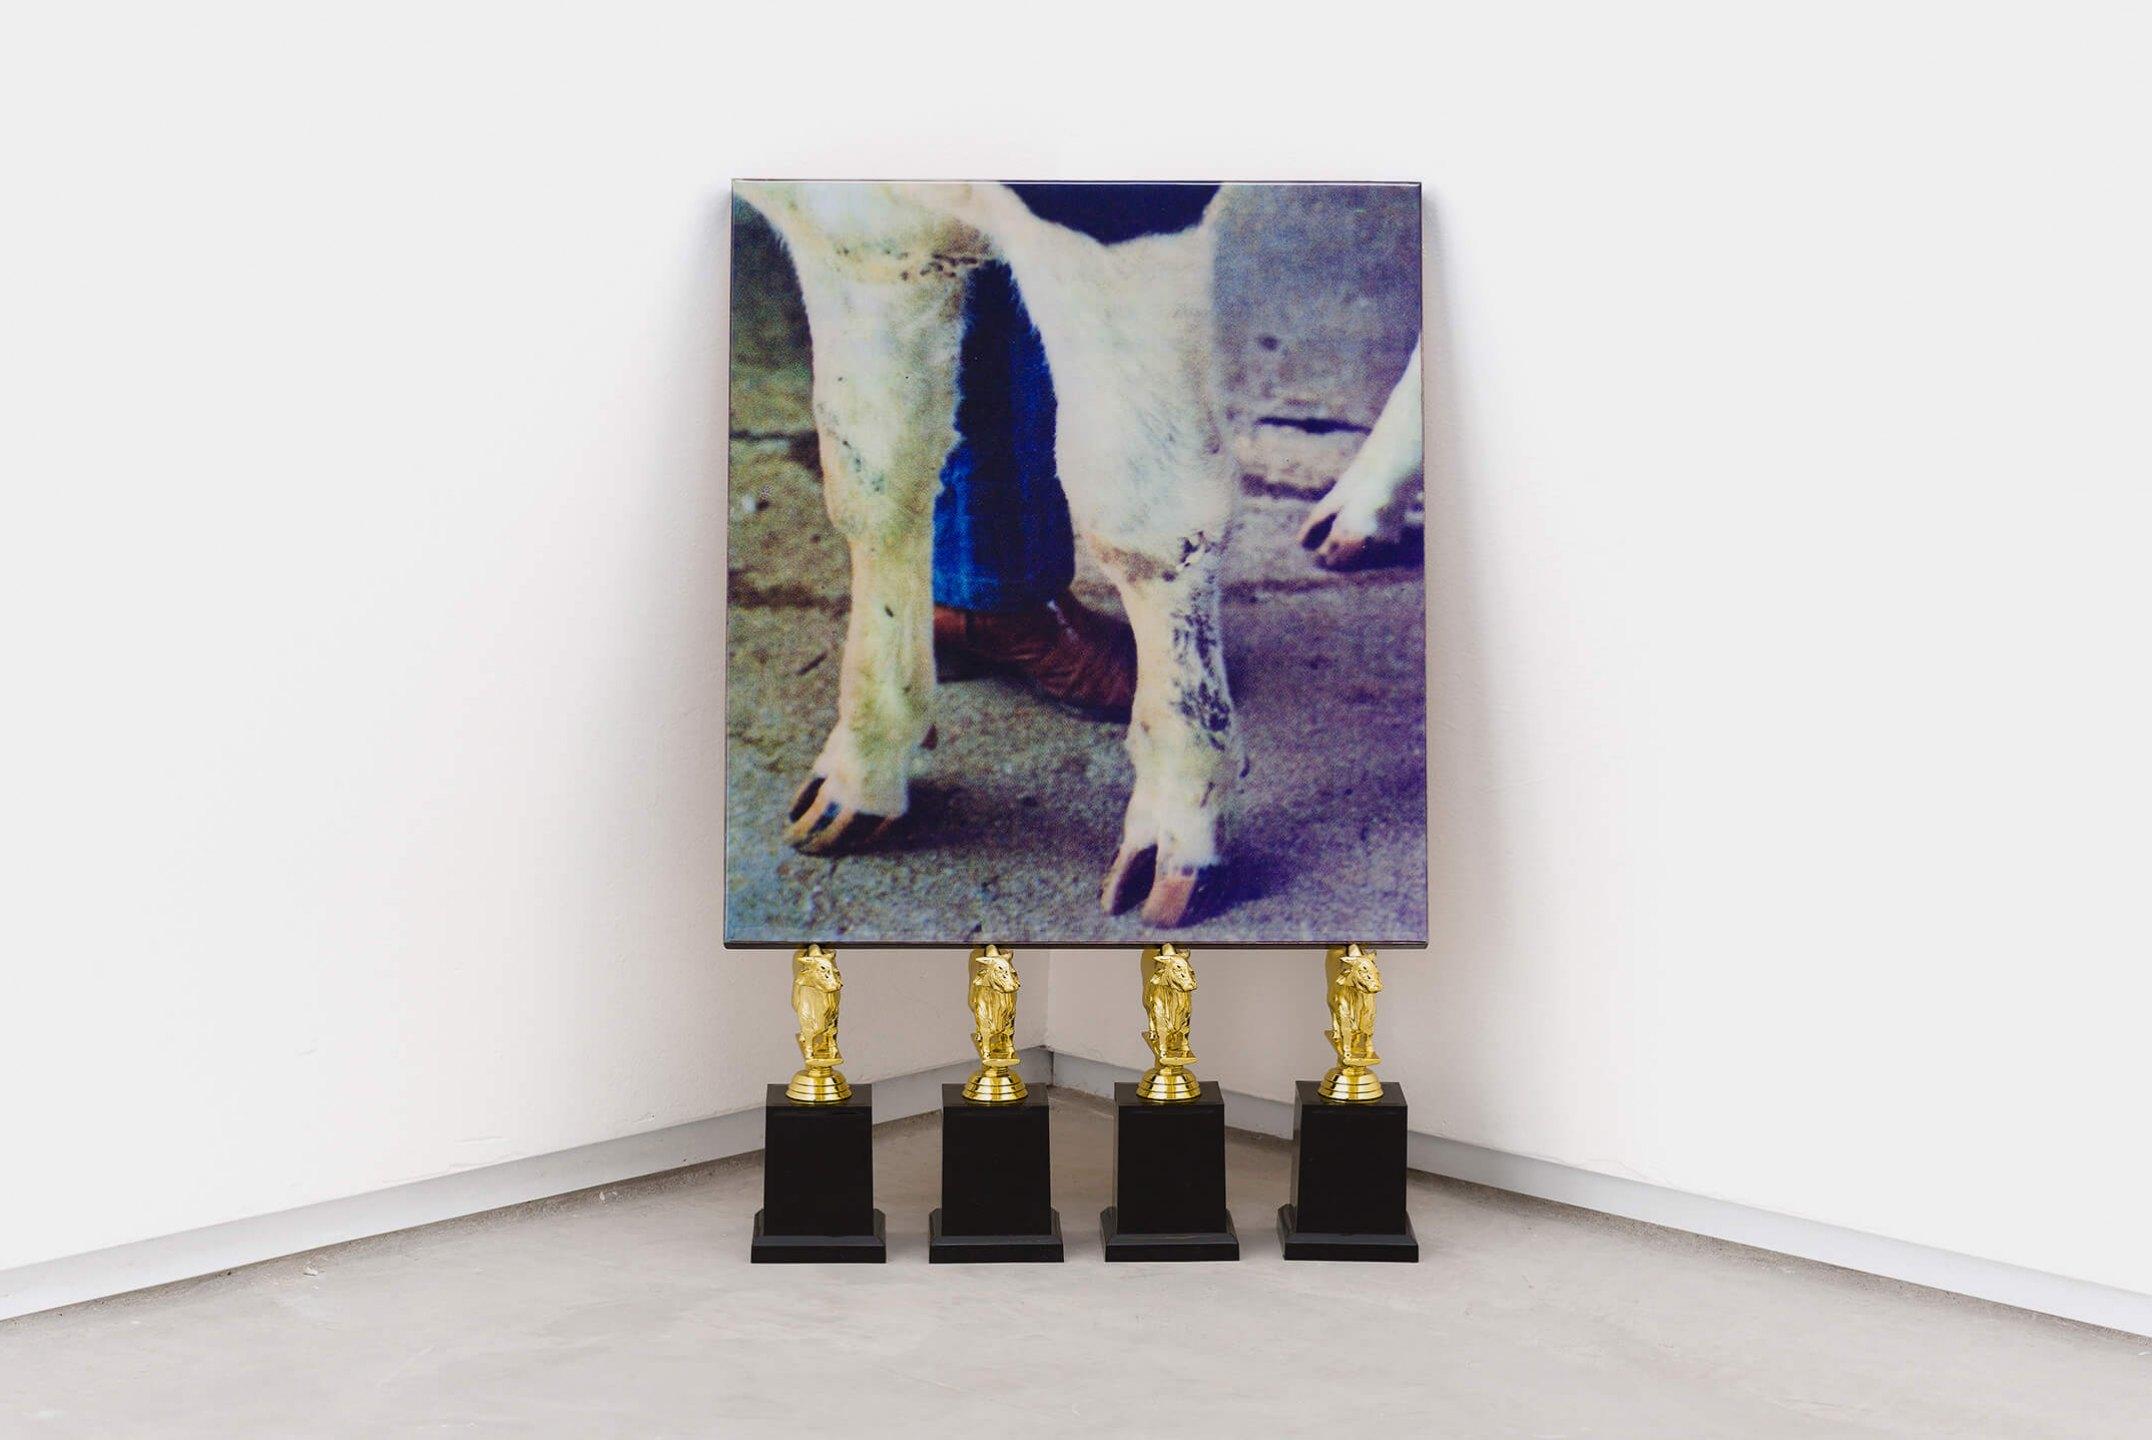 Deyson Gilbert,<em>Intercurso (Quadrúpede)</em>, 2006/2013, photography, wood, lacquer, polyester and plastic trophies, 59,5 × 39 × 13 cm - Mendes Wood DM